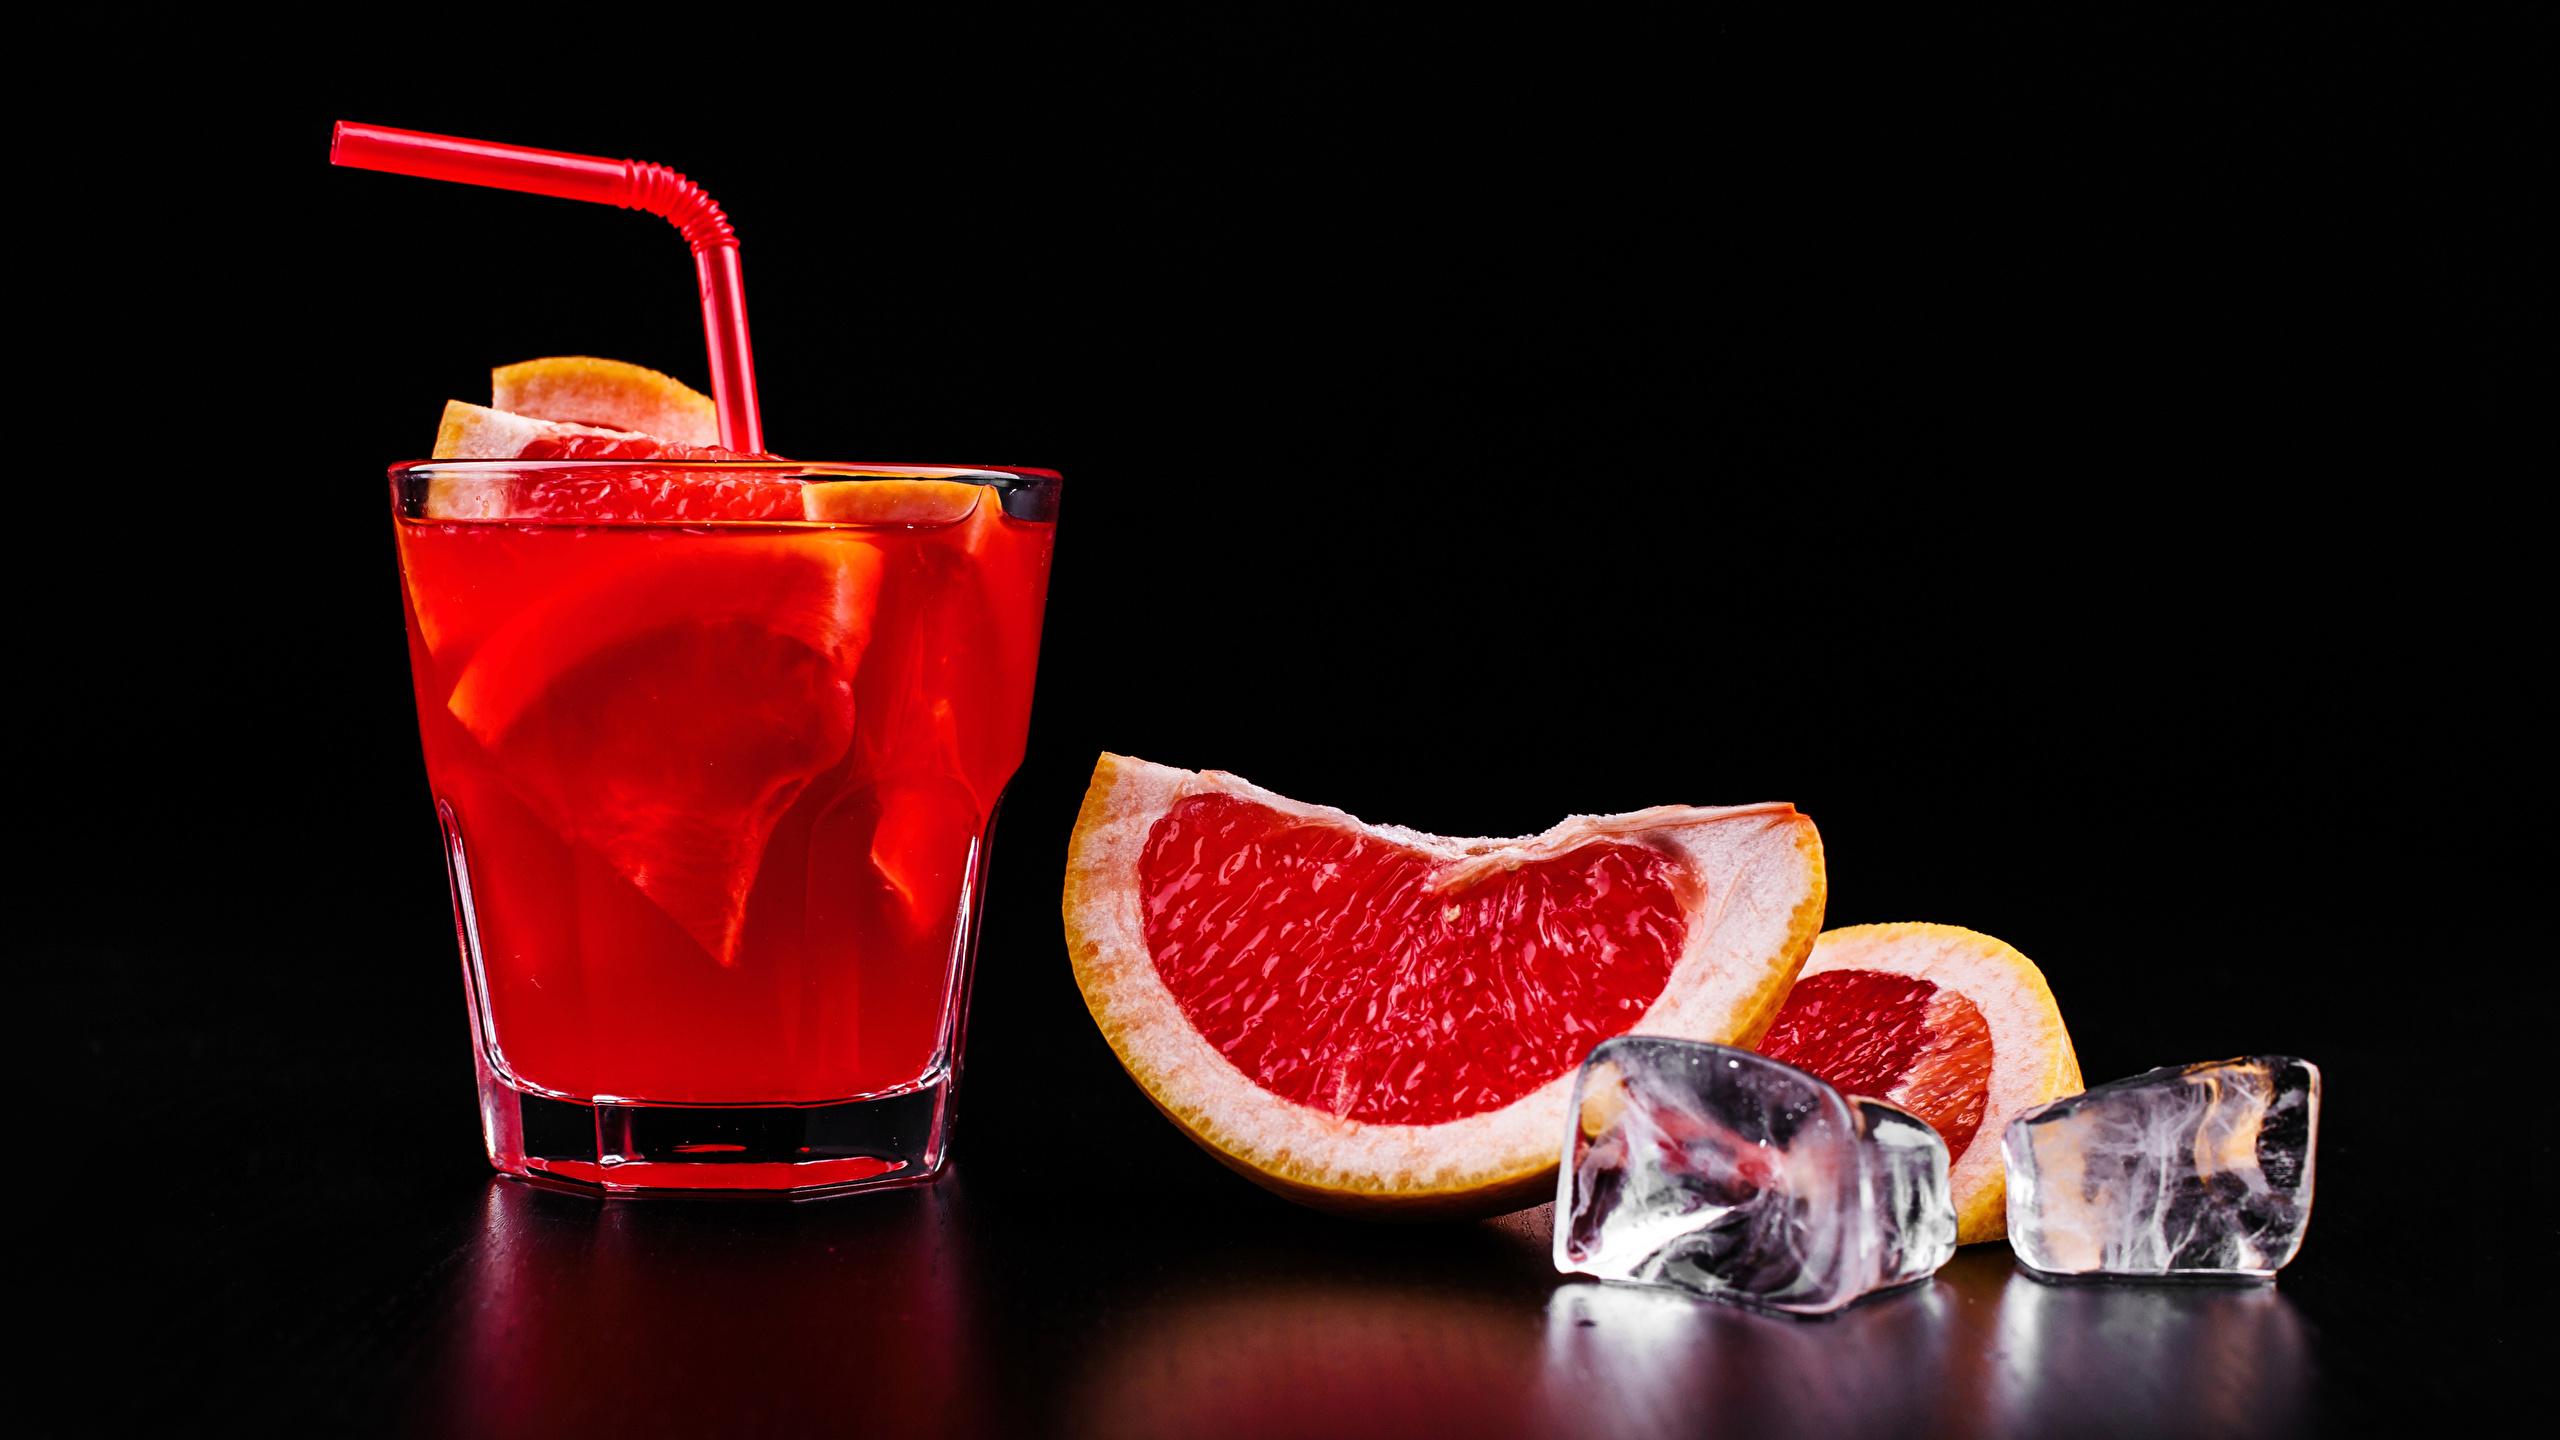 Фото Алкогольные напитки льда Грейпфрут Пища Рюмка Коктейль Черный фон 2560x1440 Лед Еда рюмки Продукты питания на черном фоне